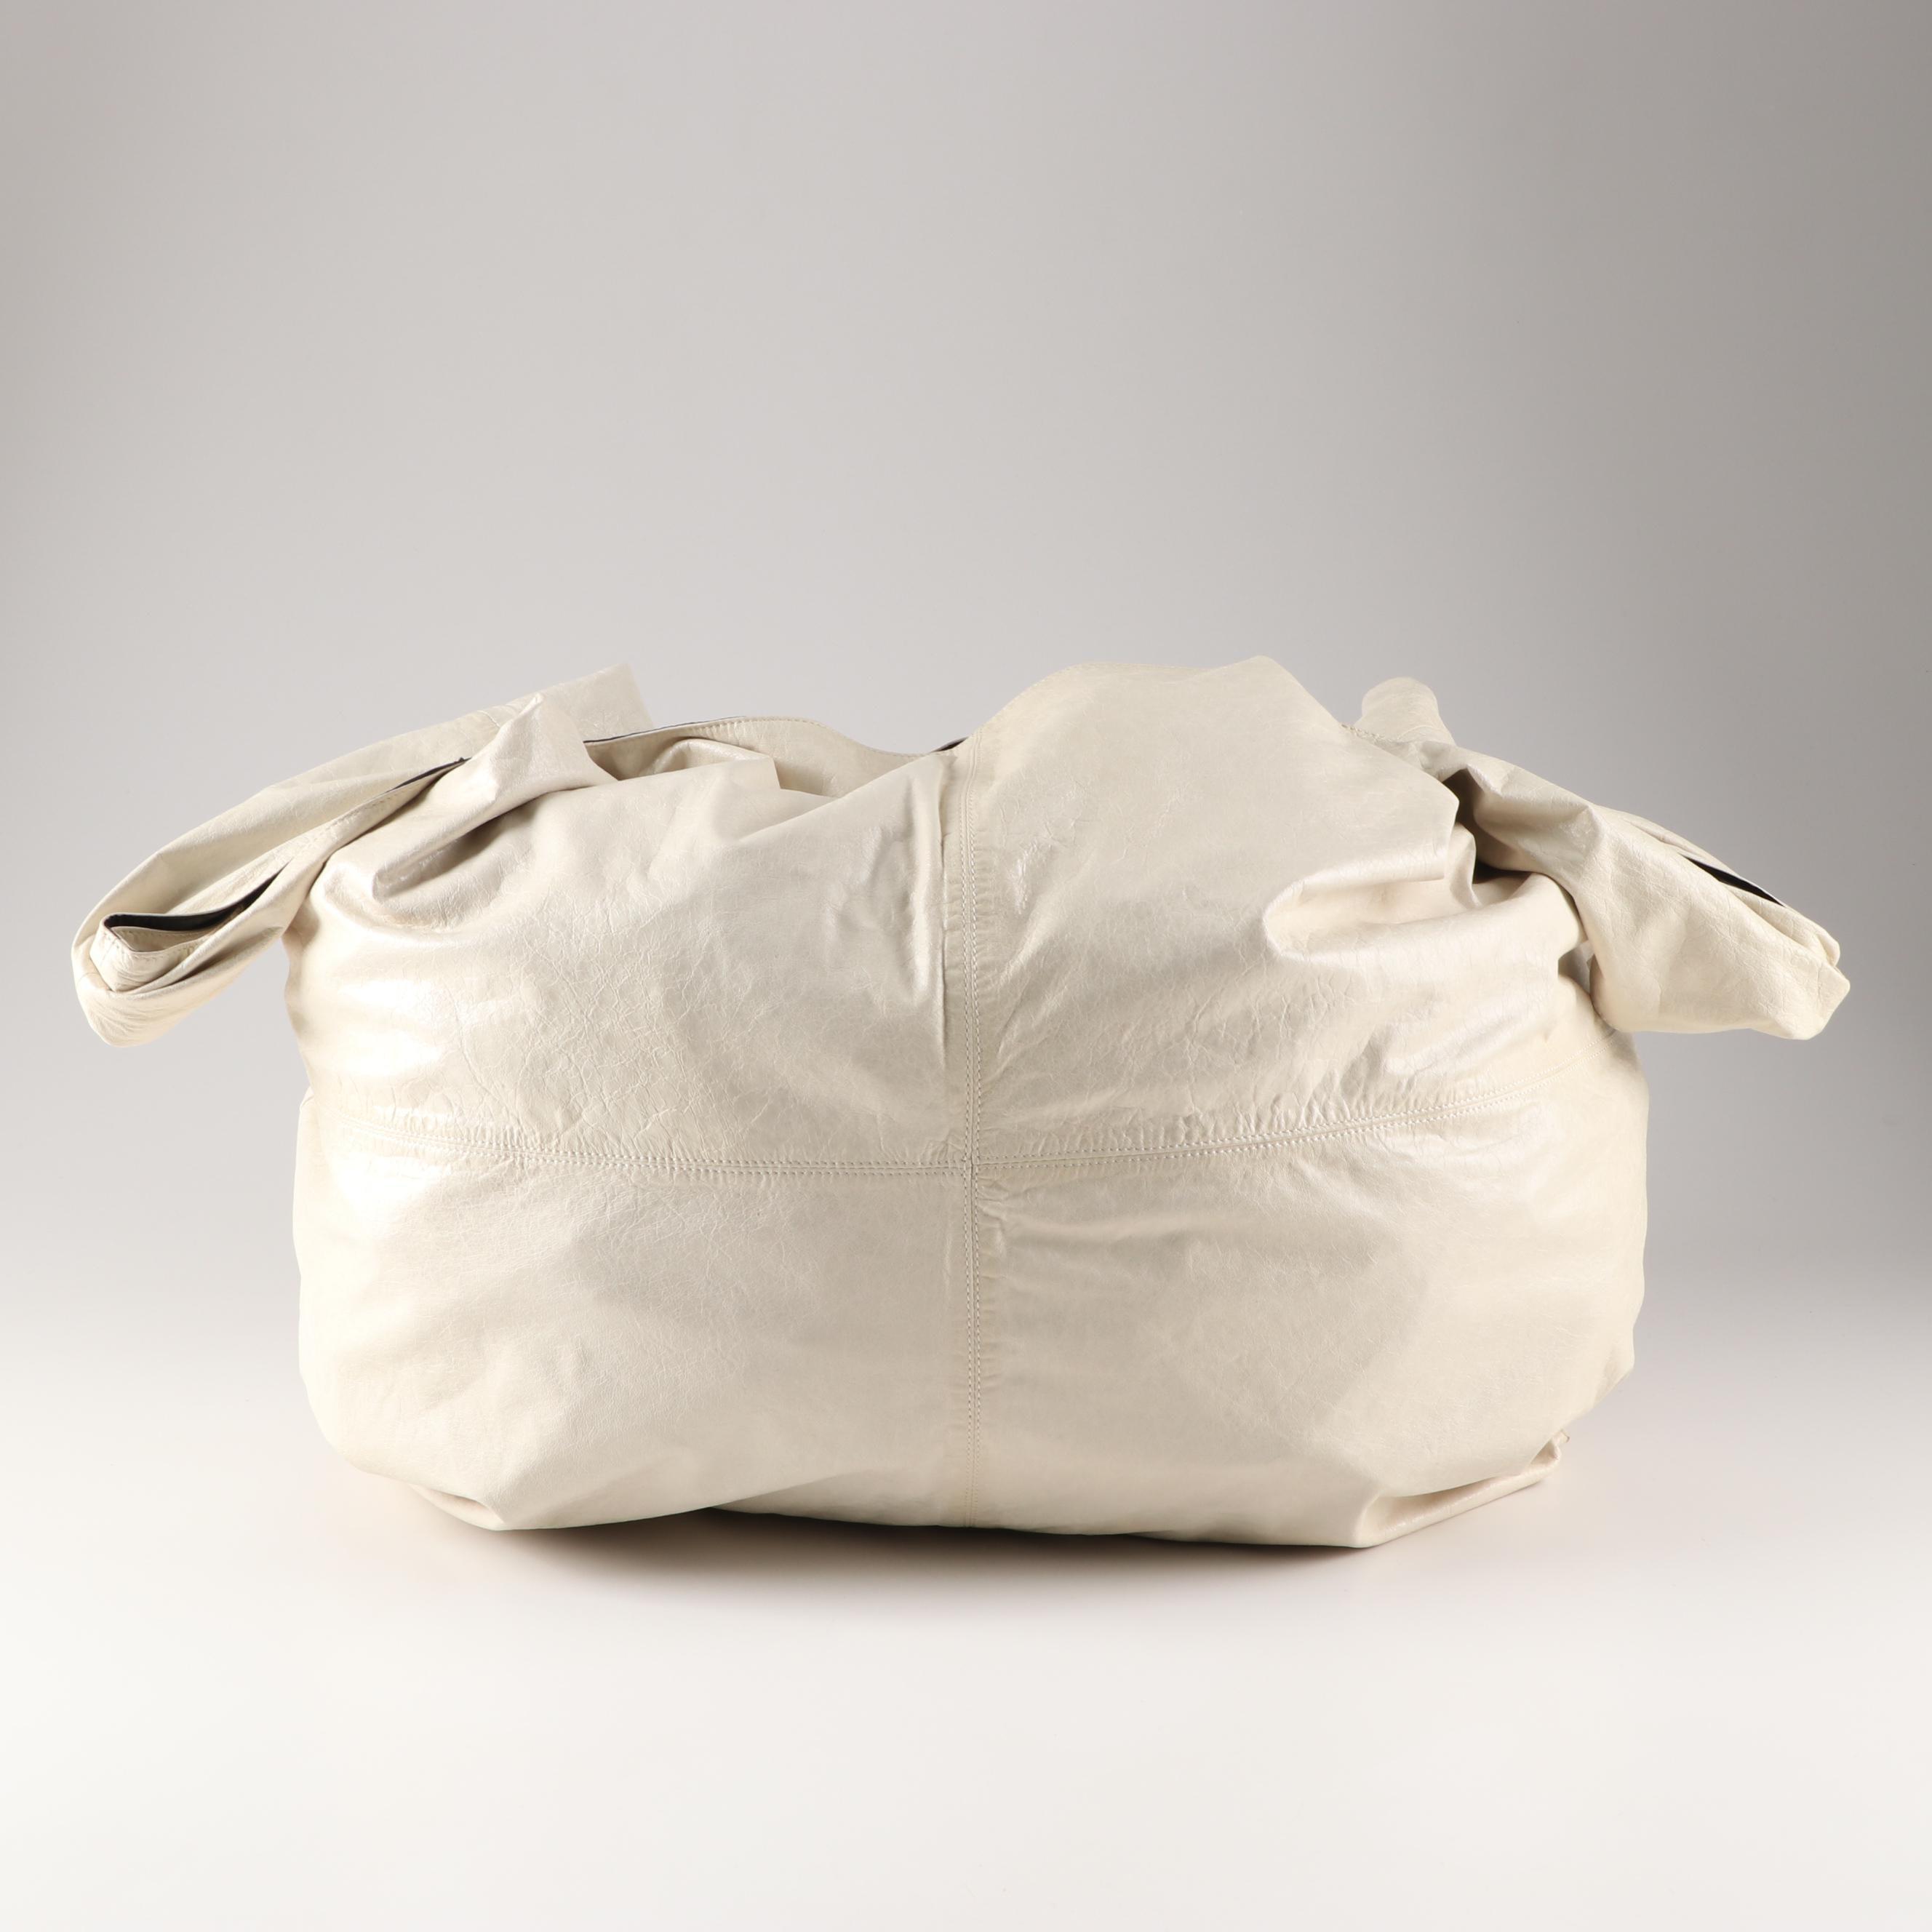 Alexander Wang New York Ivory Leather Hobo Bag